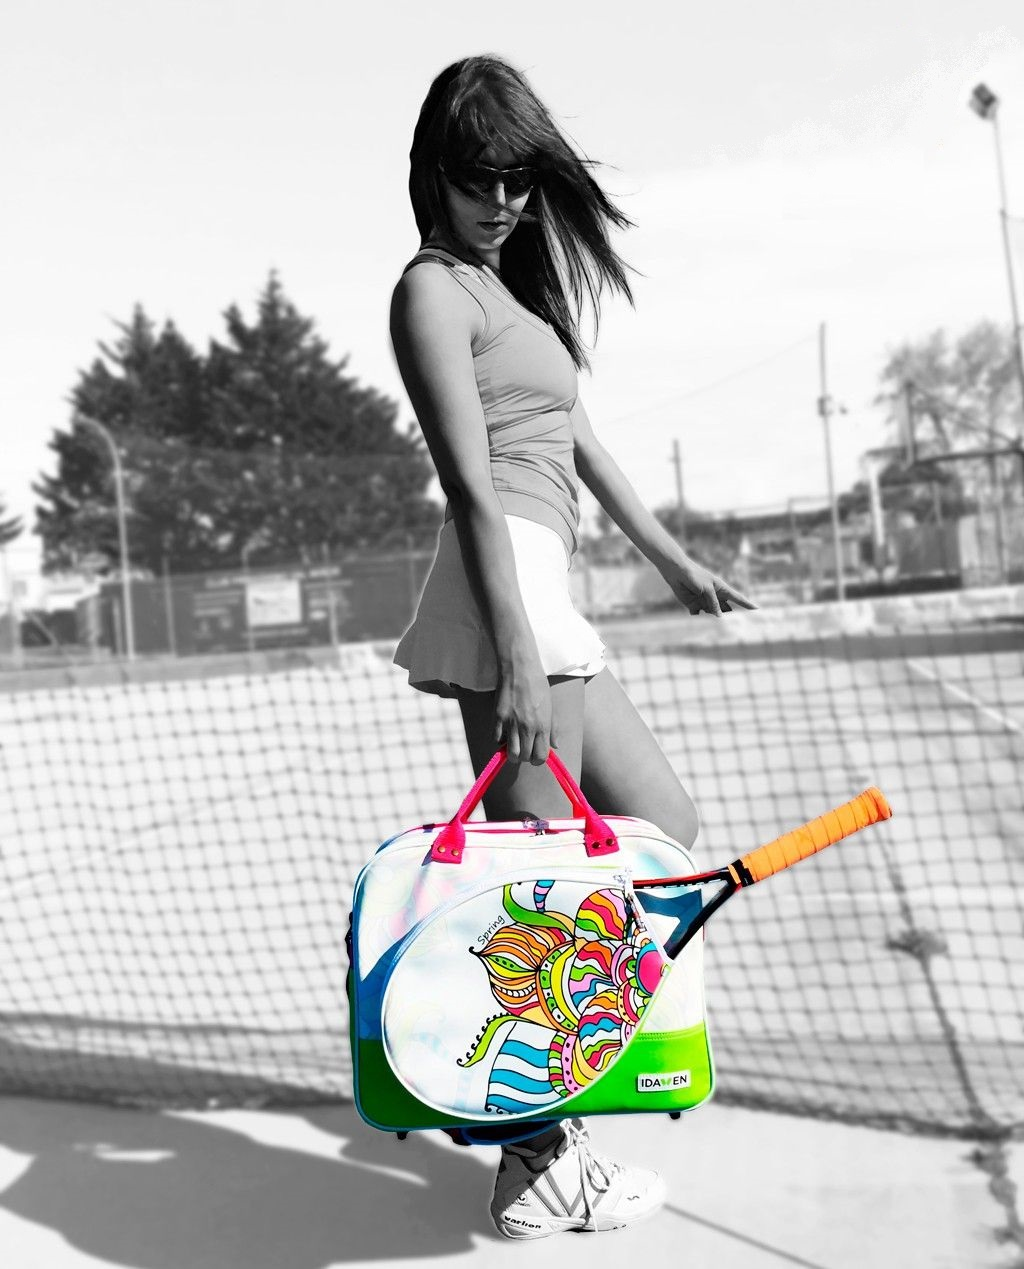 idawen wiuvre spring tennis bag